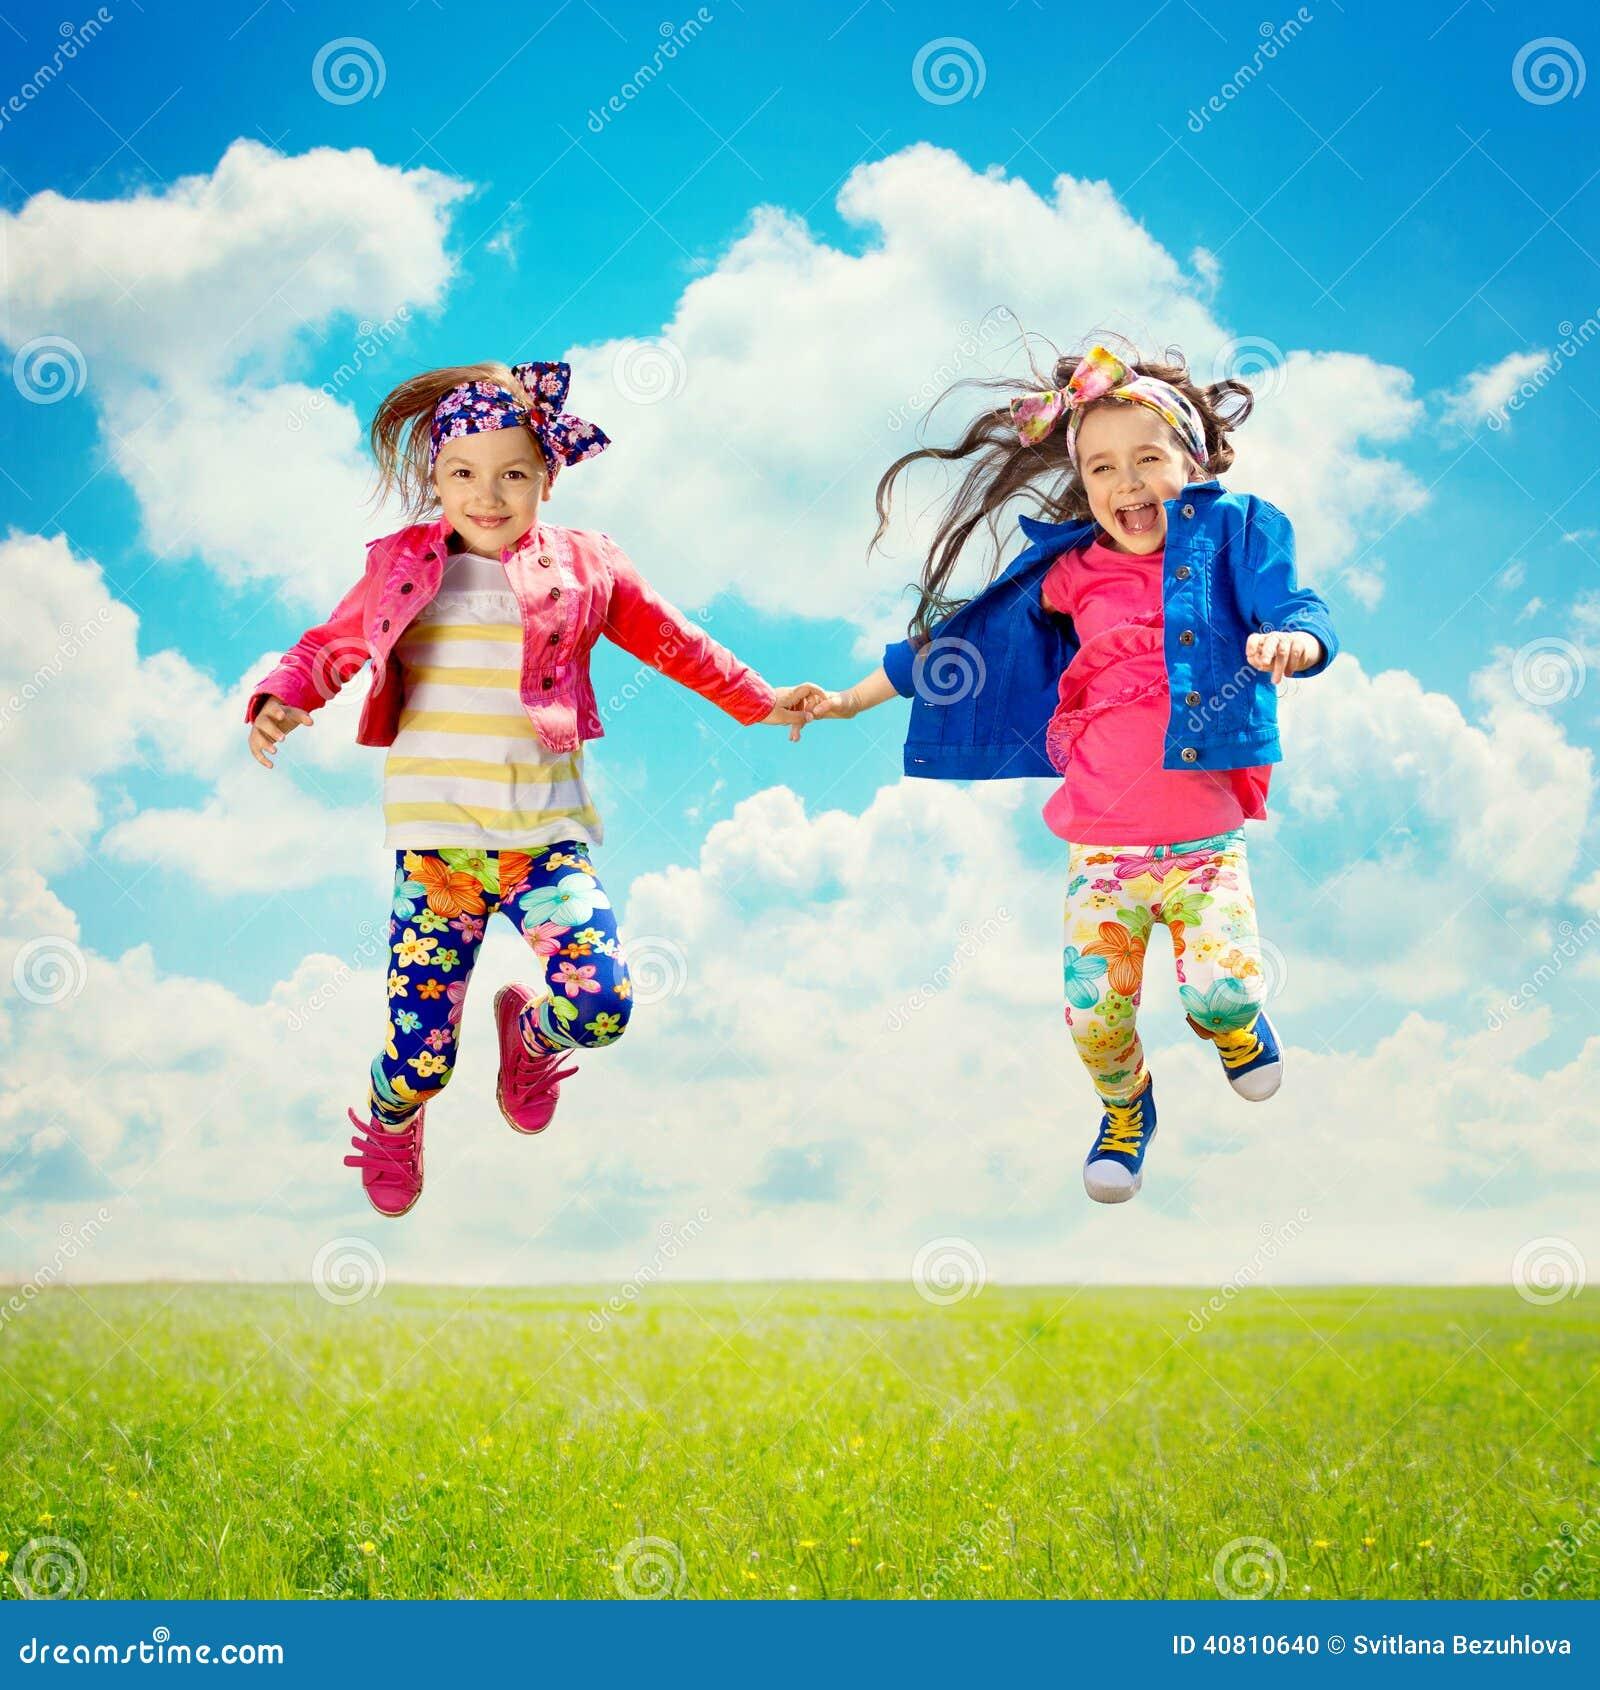 children - Spring Pictures For Children